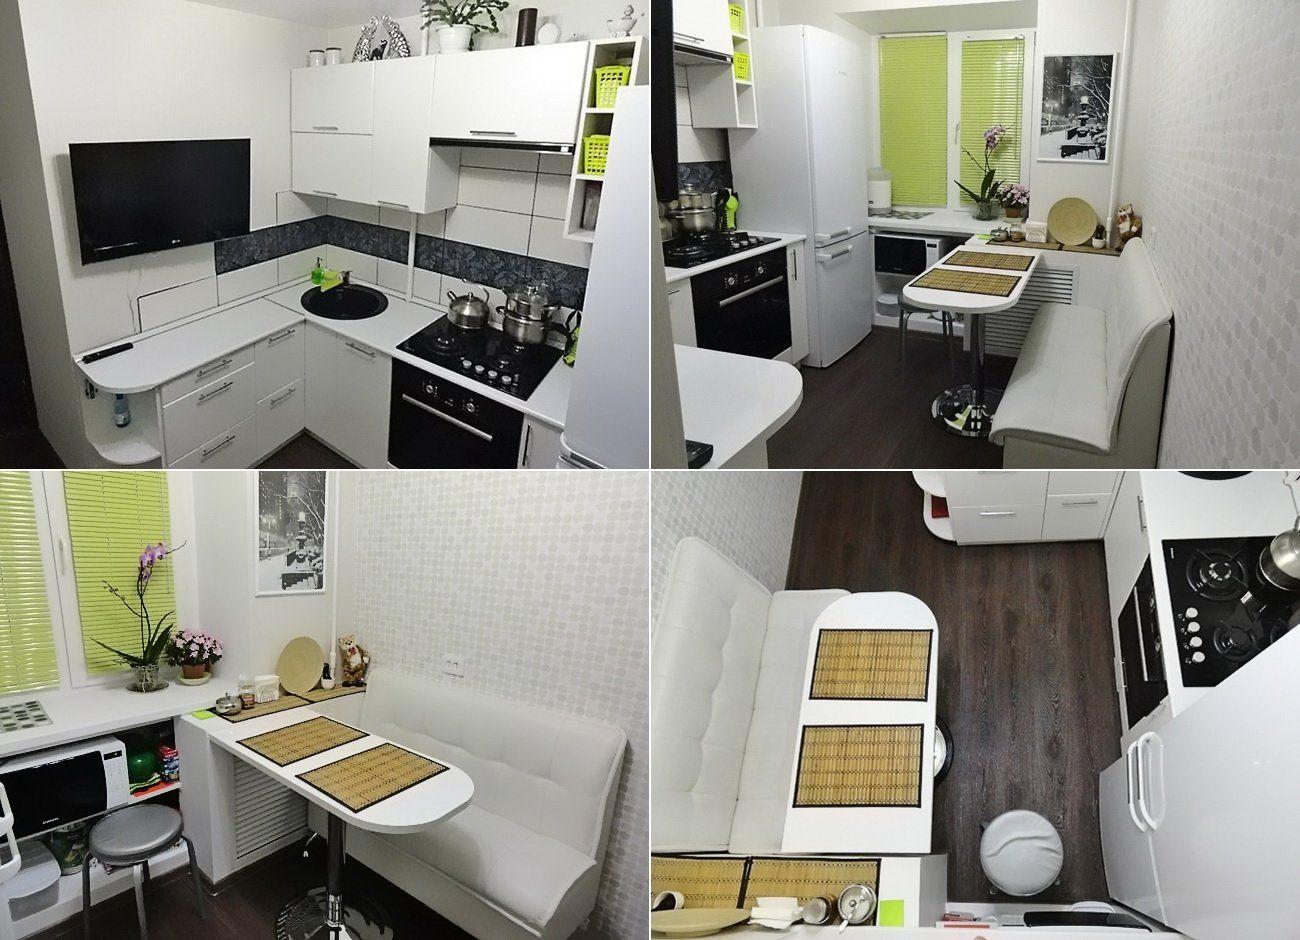 малогабаритная кухня 6 кв м примеры угловой планировки: 51 тис. зображень знайдено в Яндекс.Зображеннях